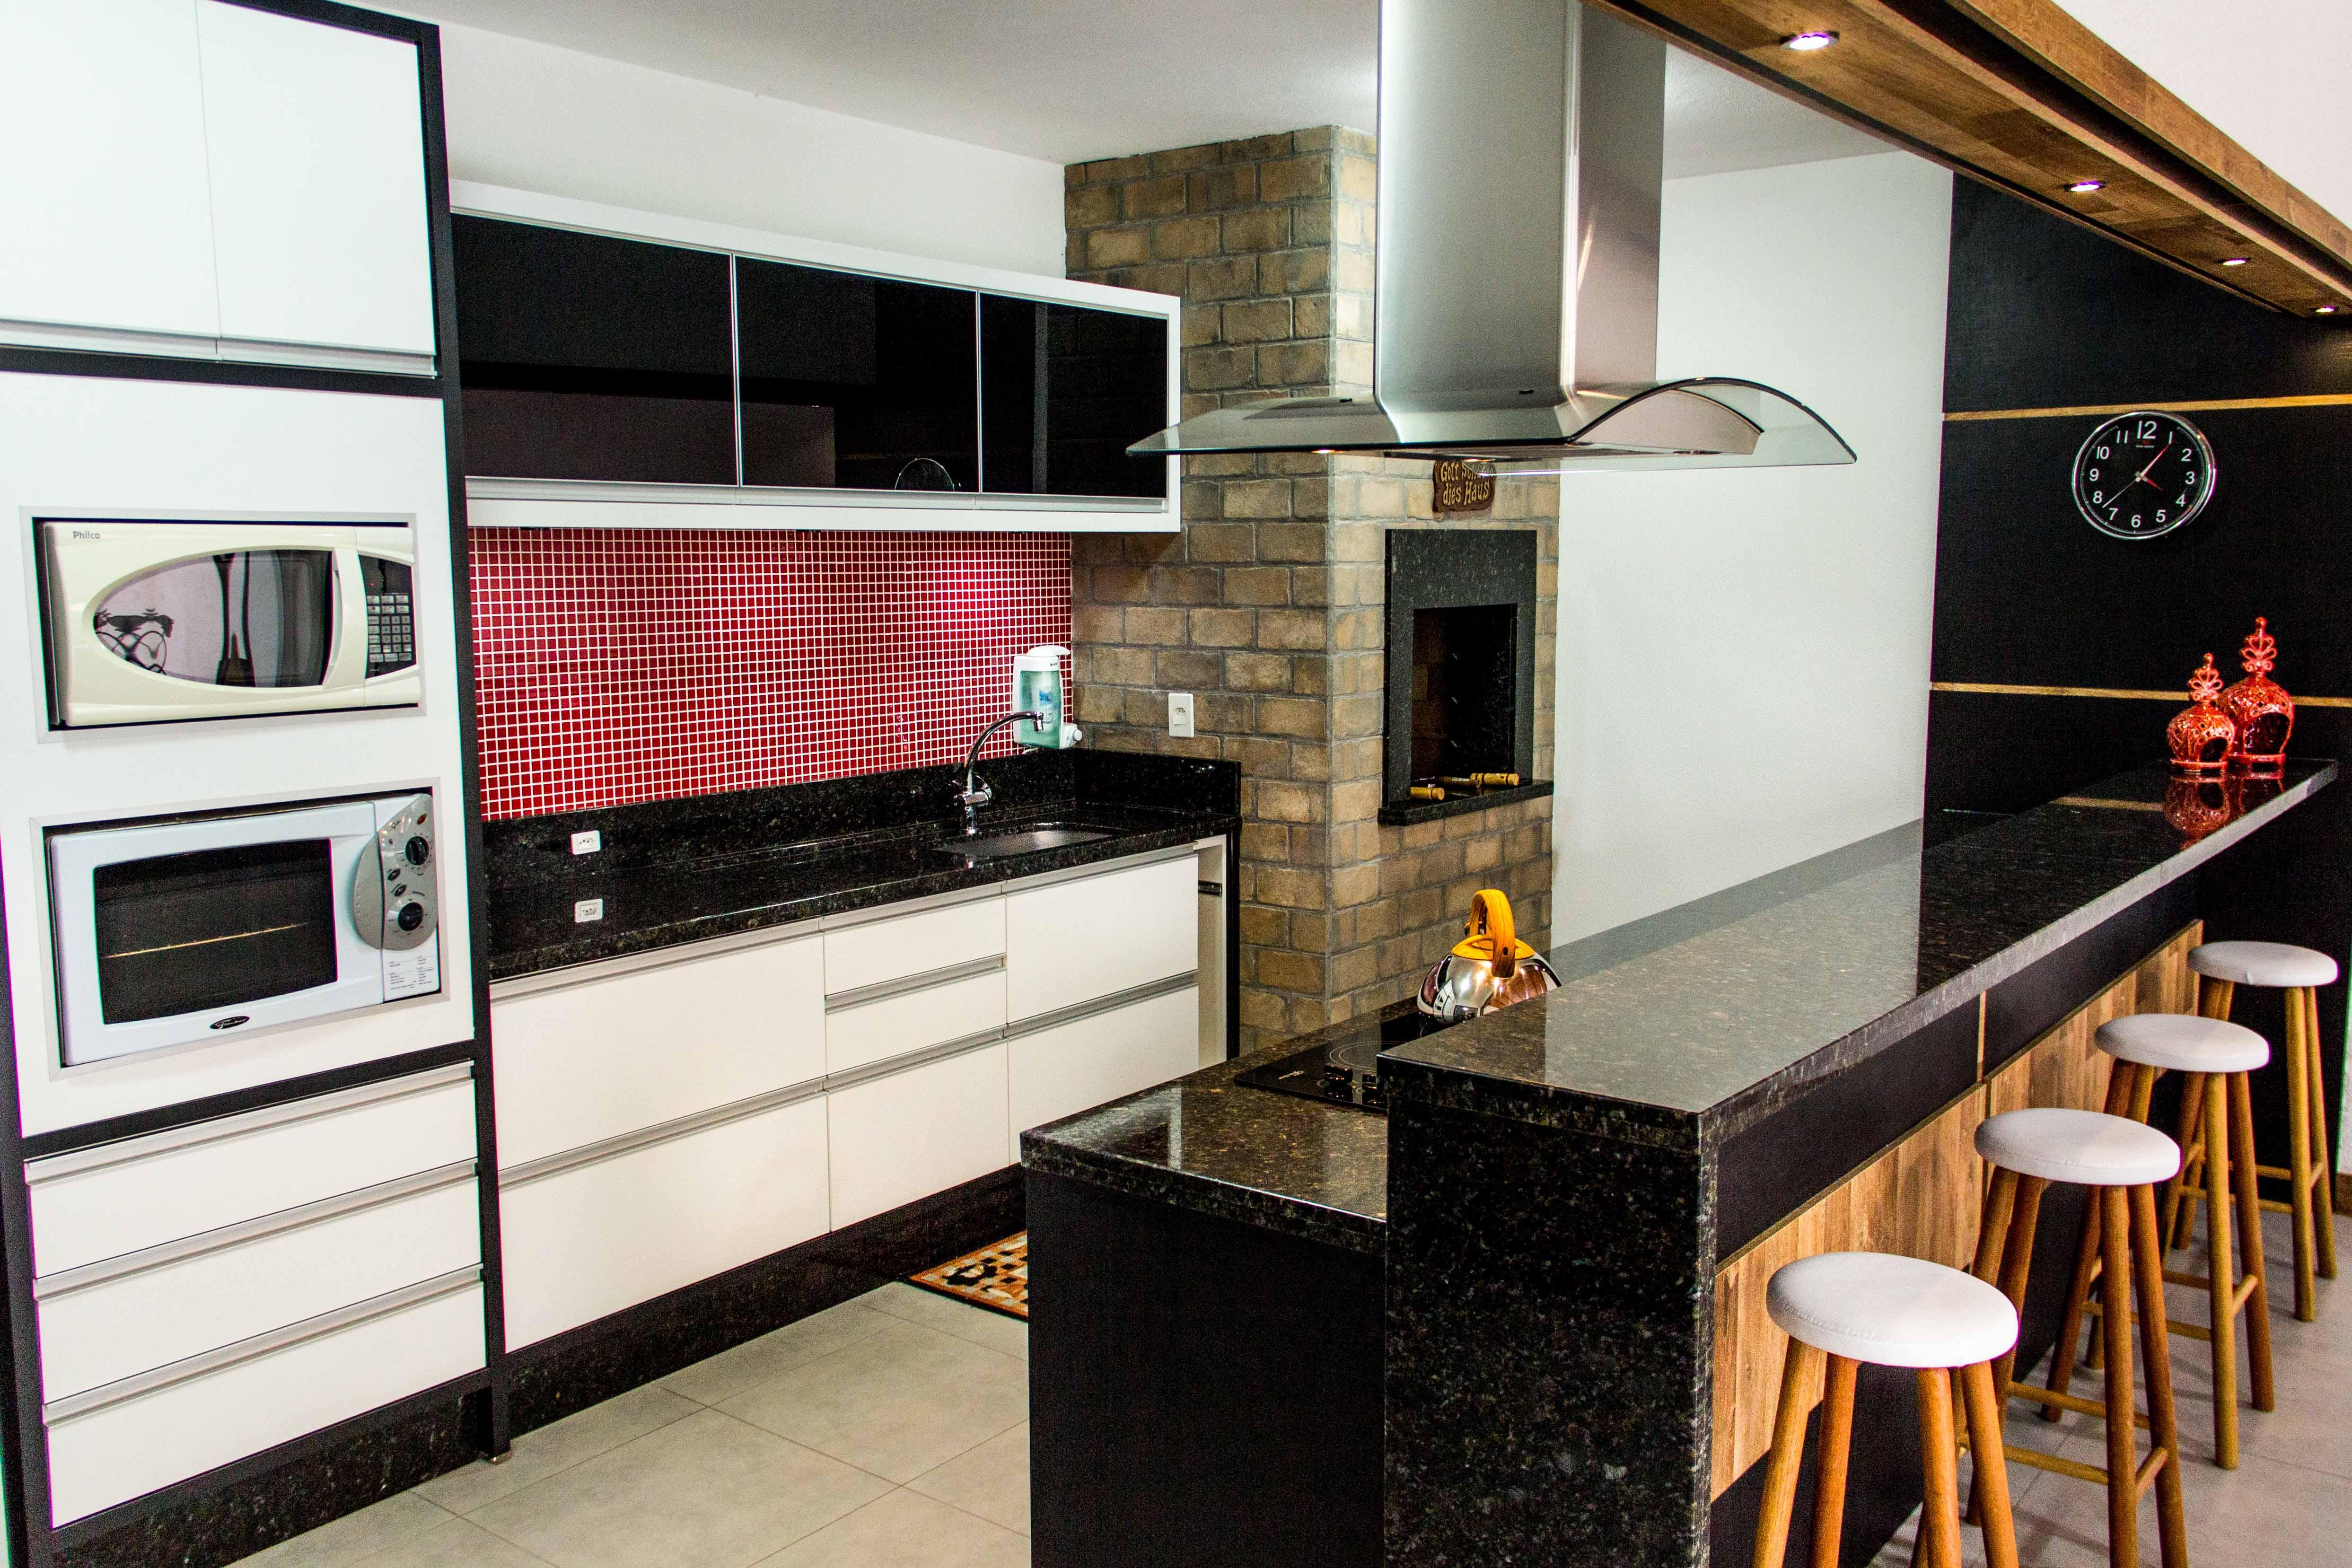 #A0662B Bancada de Cozinha Sob Medida Cozinha Planejada em Blumenau 4972x3315 px Projetos De Cozinha Americana Planejada_5327 Imagens